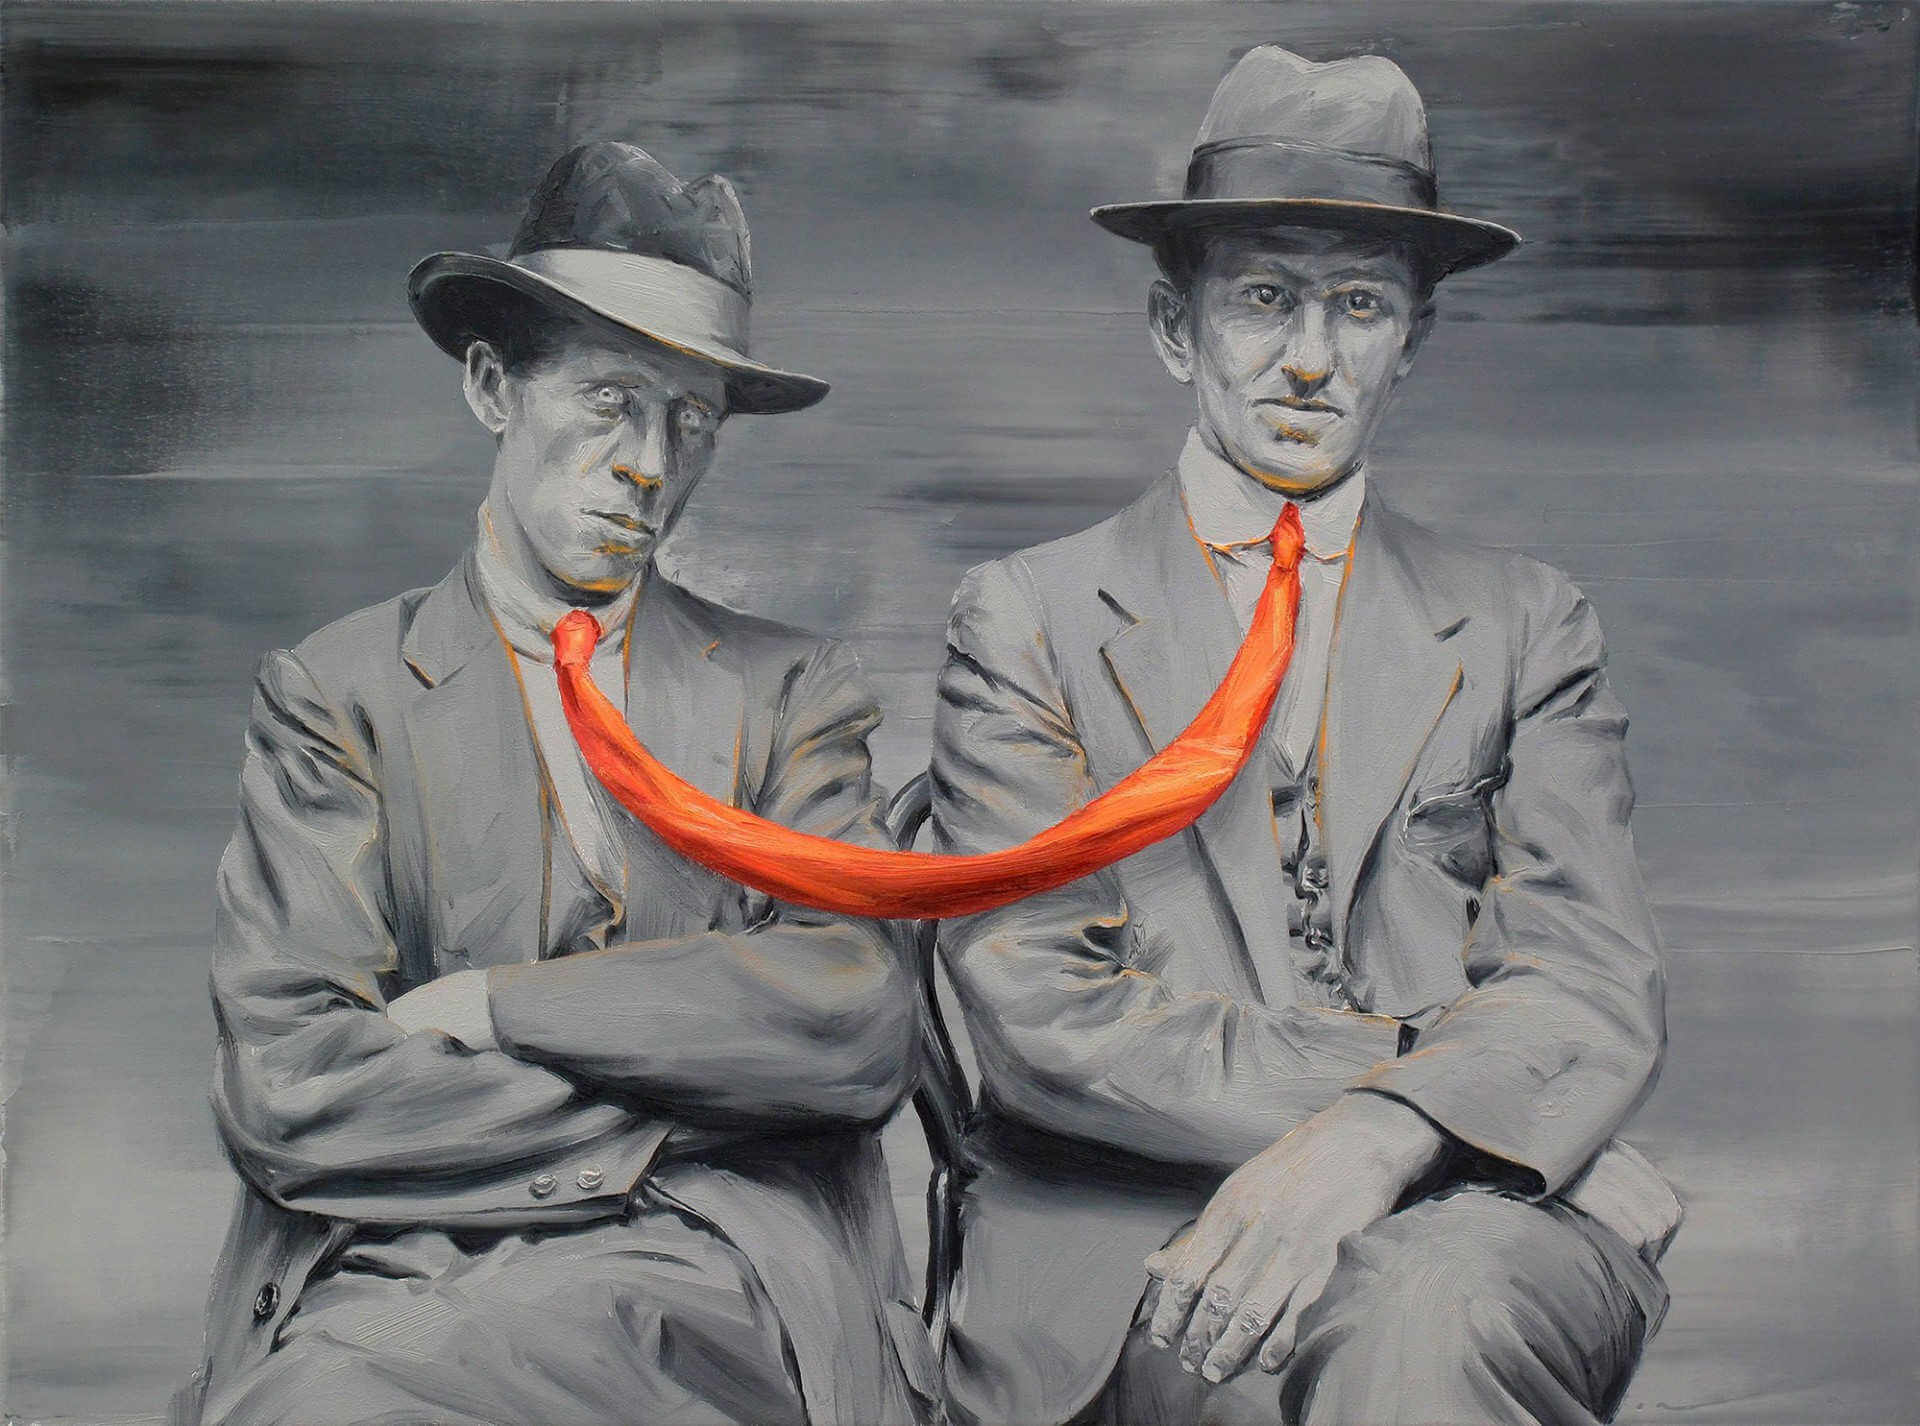 Retrato surrealista de Paco Pomet de hombres sentados unidos por una corbata